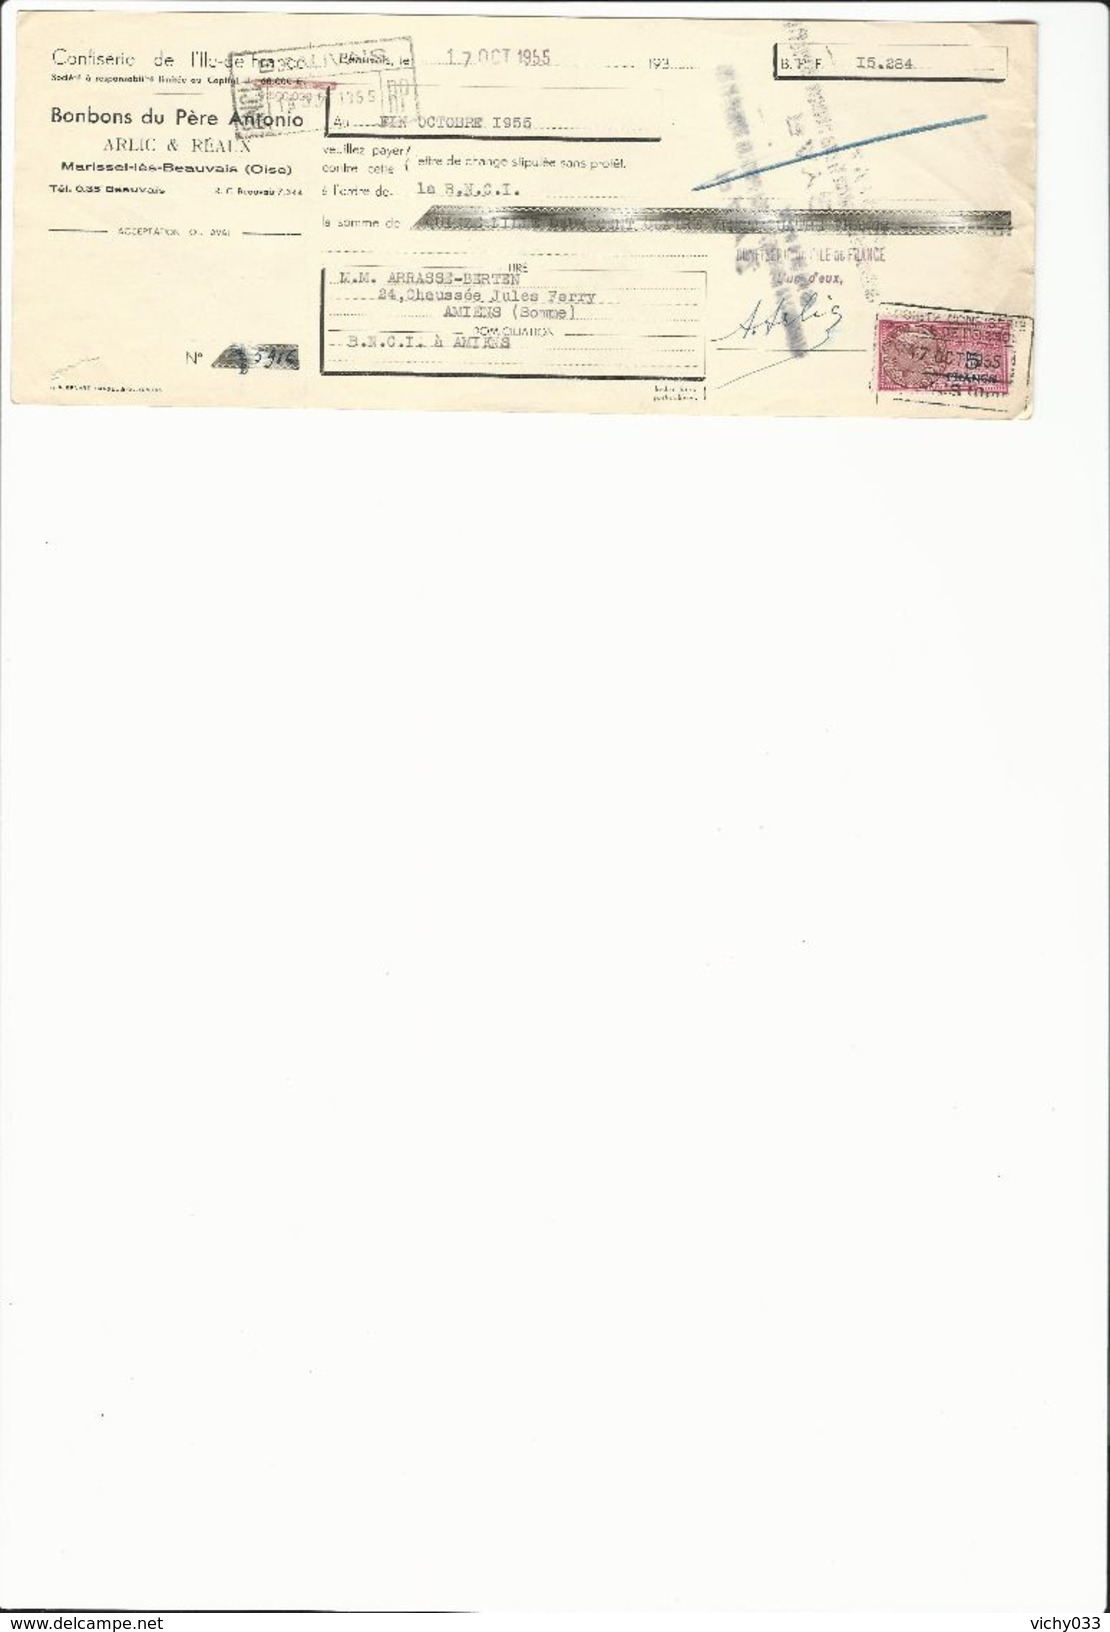 Ref 53/ 60, Marissel Lès Beauvais, Alric Et Réaux, Bonbons Du Père Antonio, 1955, Pour Arrasse-Berten 80 - Banque & Assurance